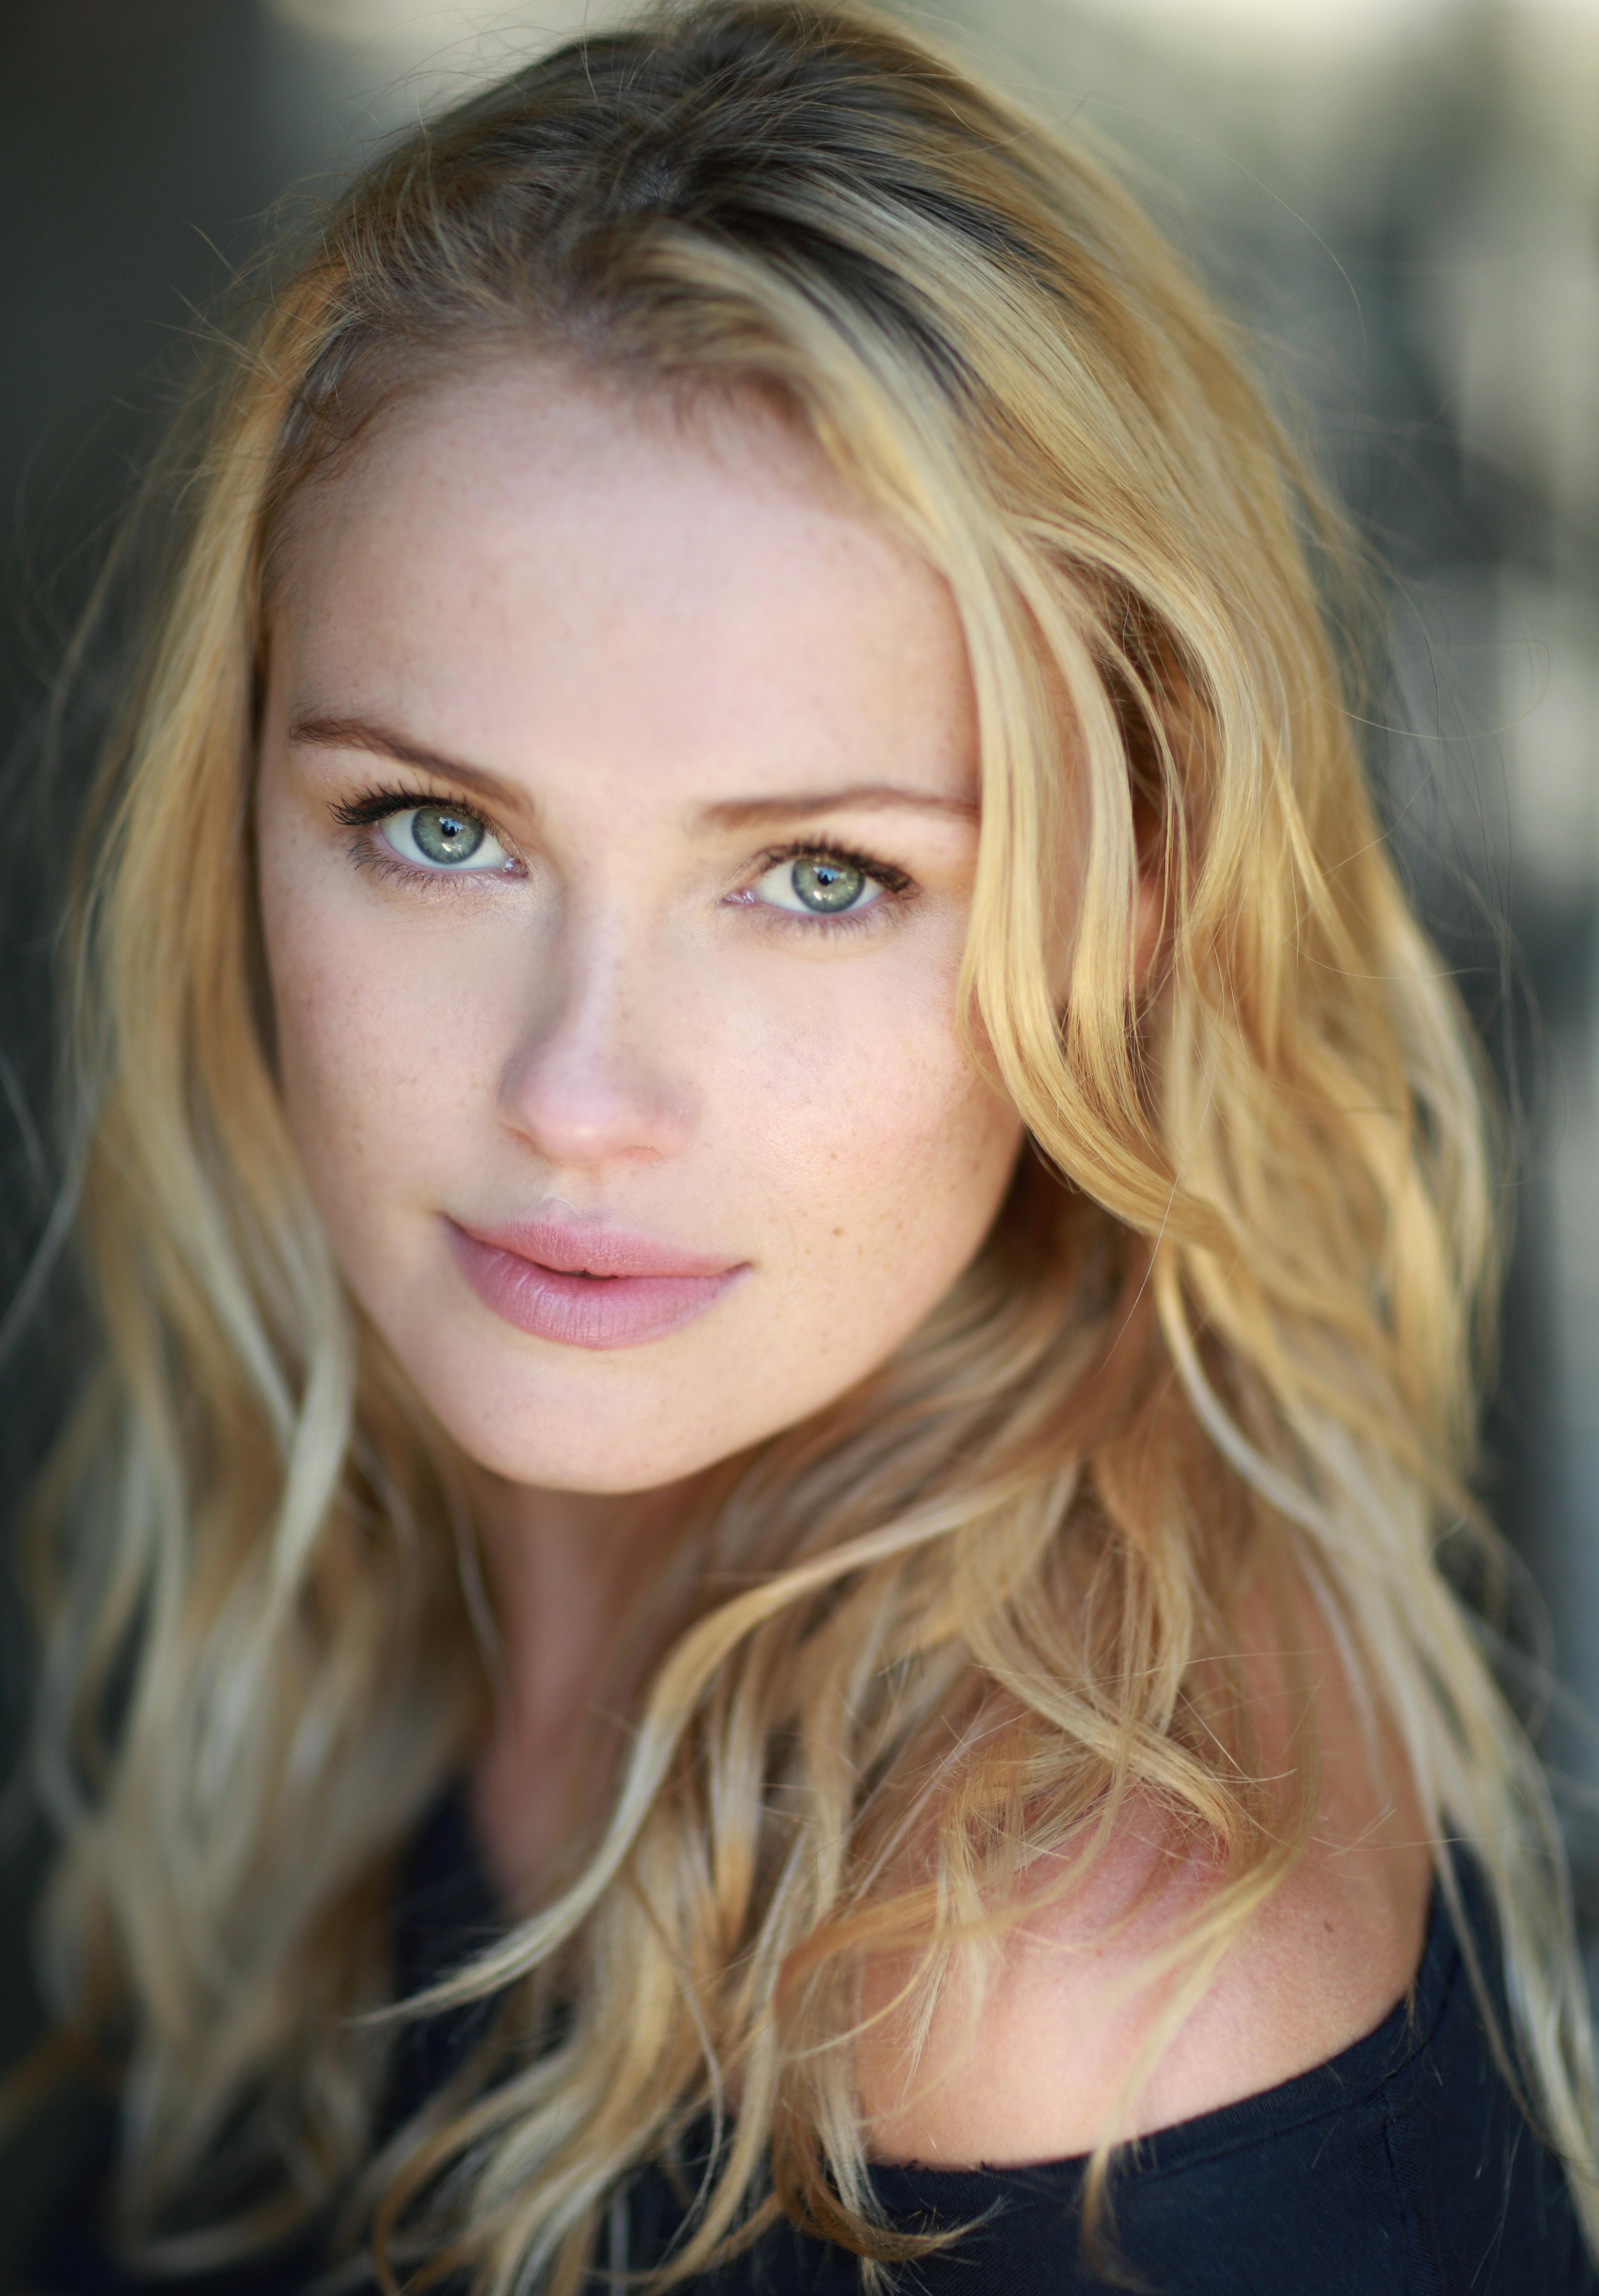 Hannah New eleanor guthrie